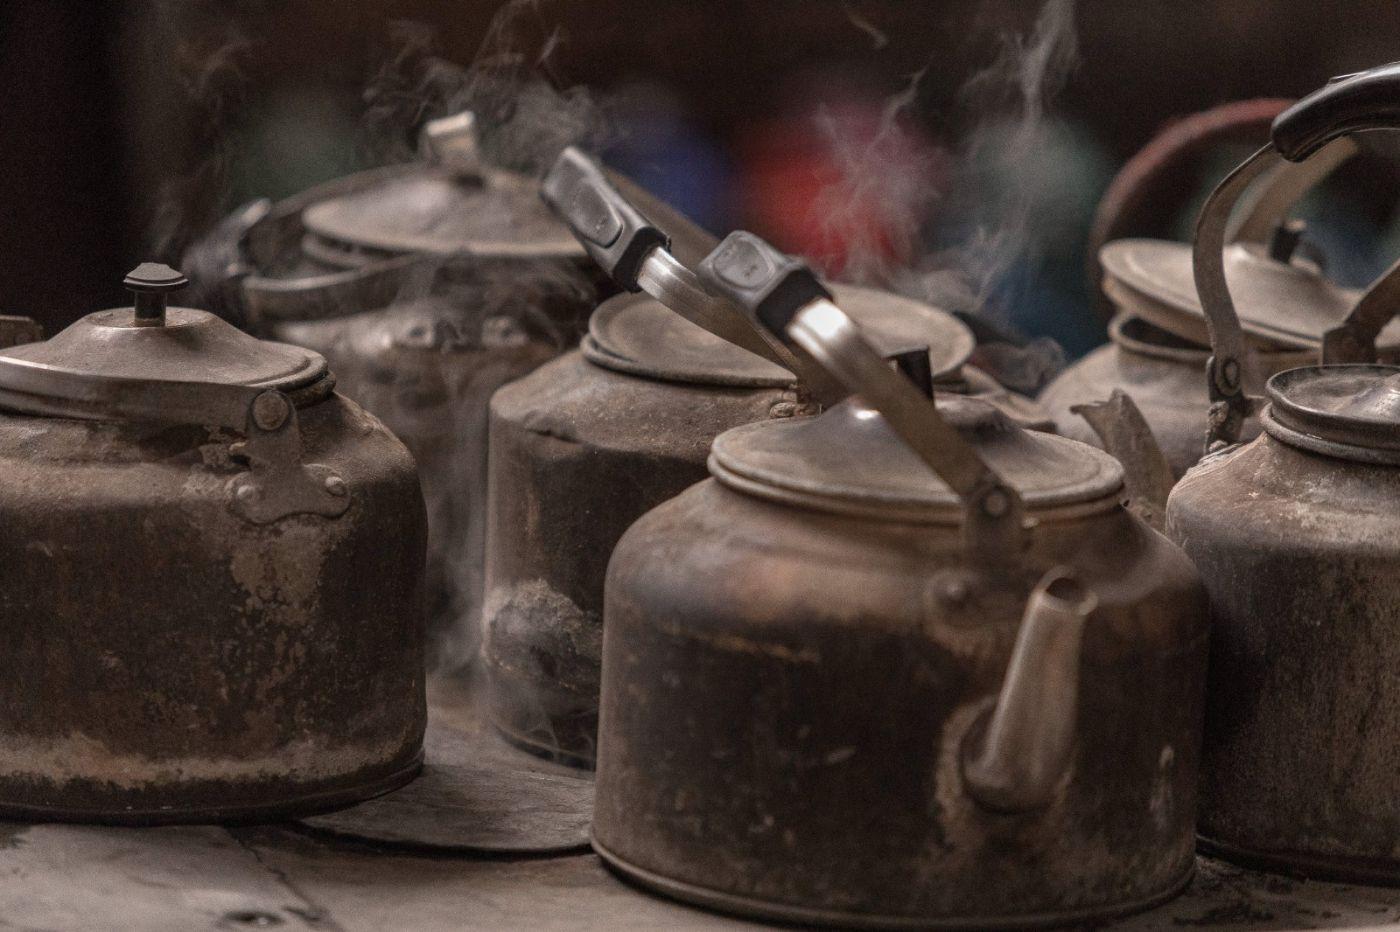 泡在成都老茶馆 感受销魂时刻 喝大茶 掏耳朵 拍美女 生活真美好 ..._图1-3